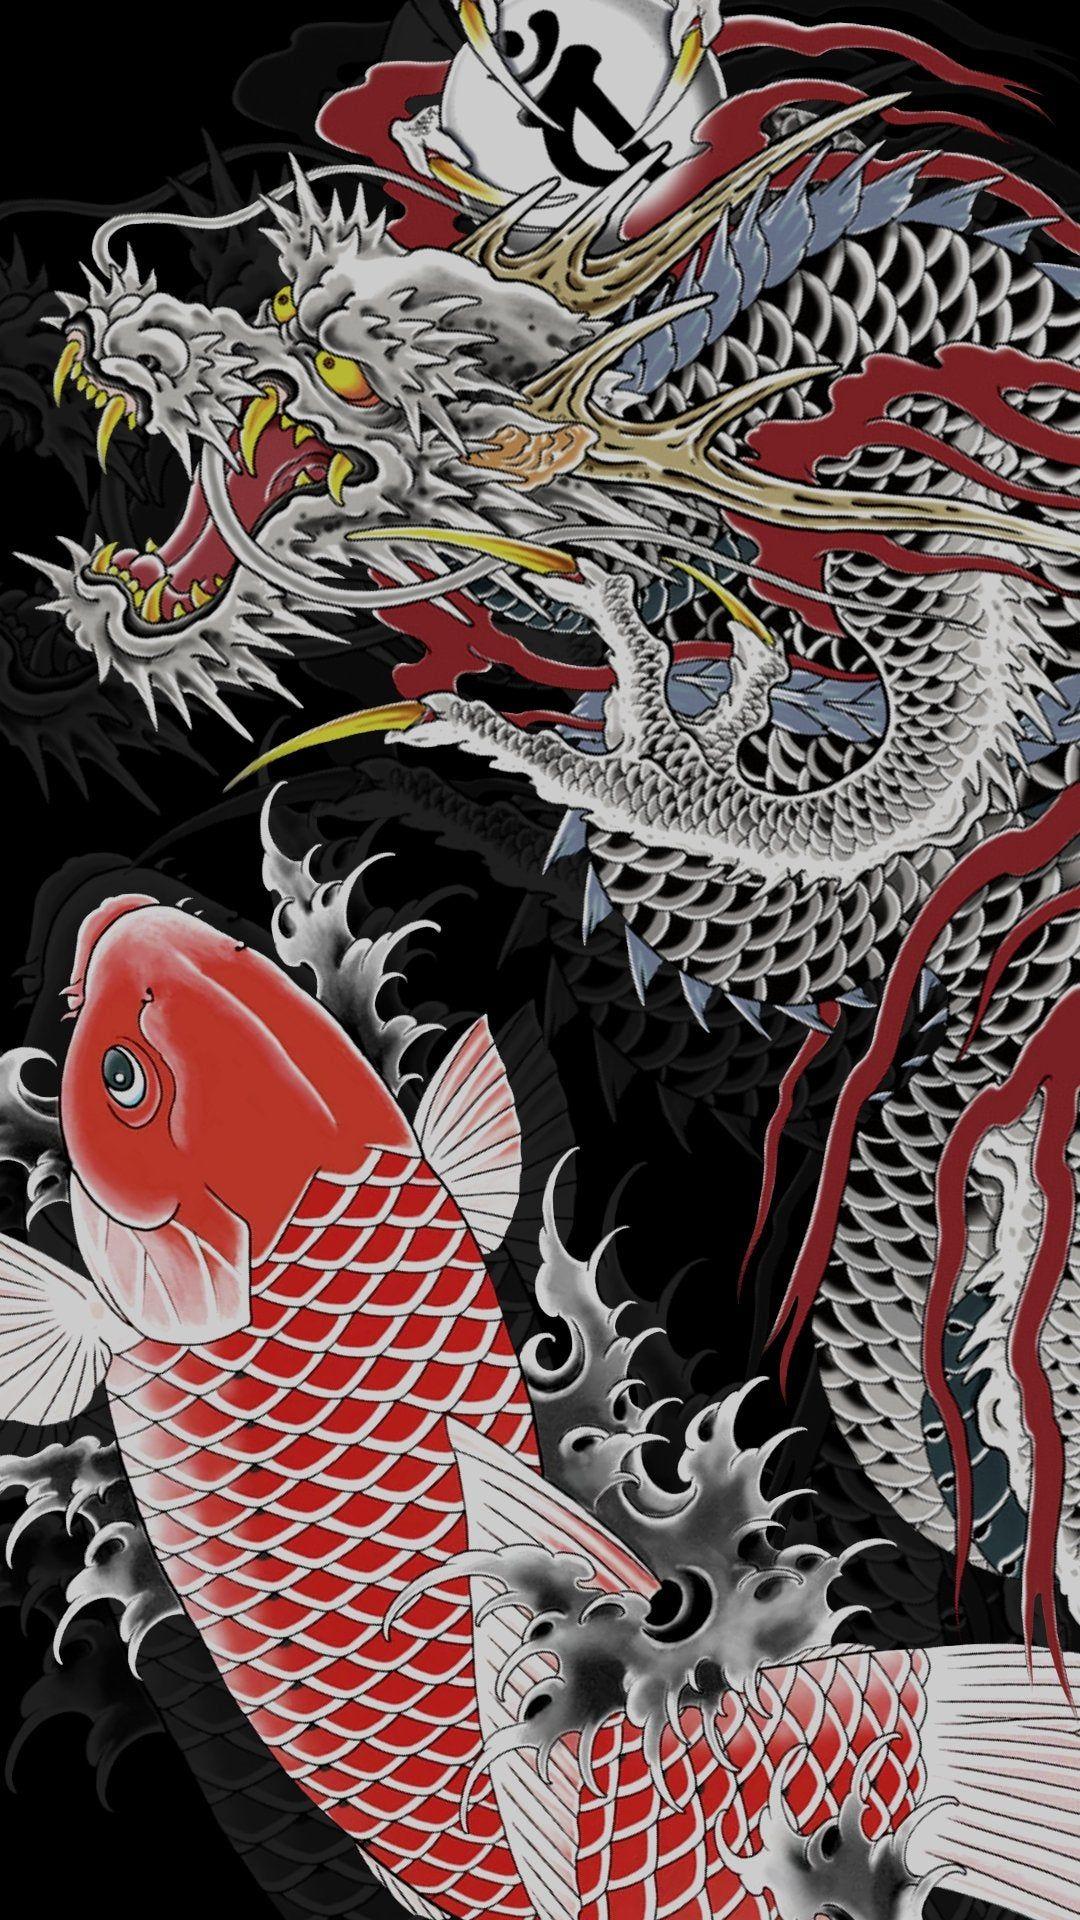 Yakuza Iphone Wallpapers Wallpaper Cave